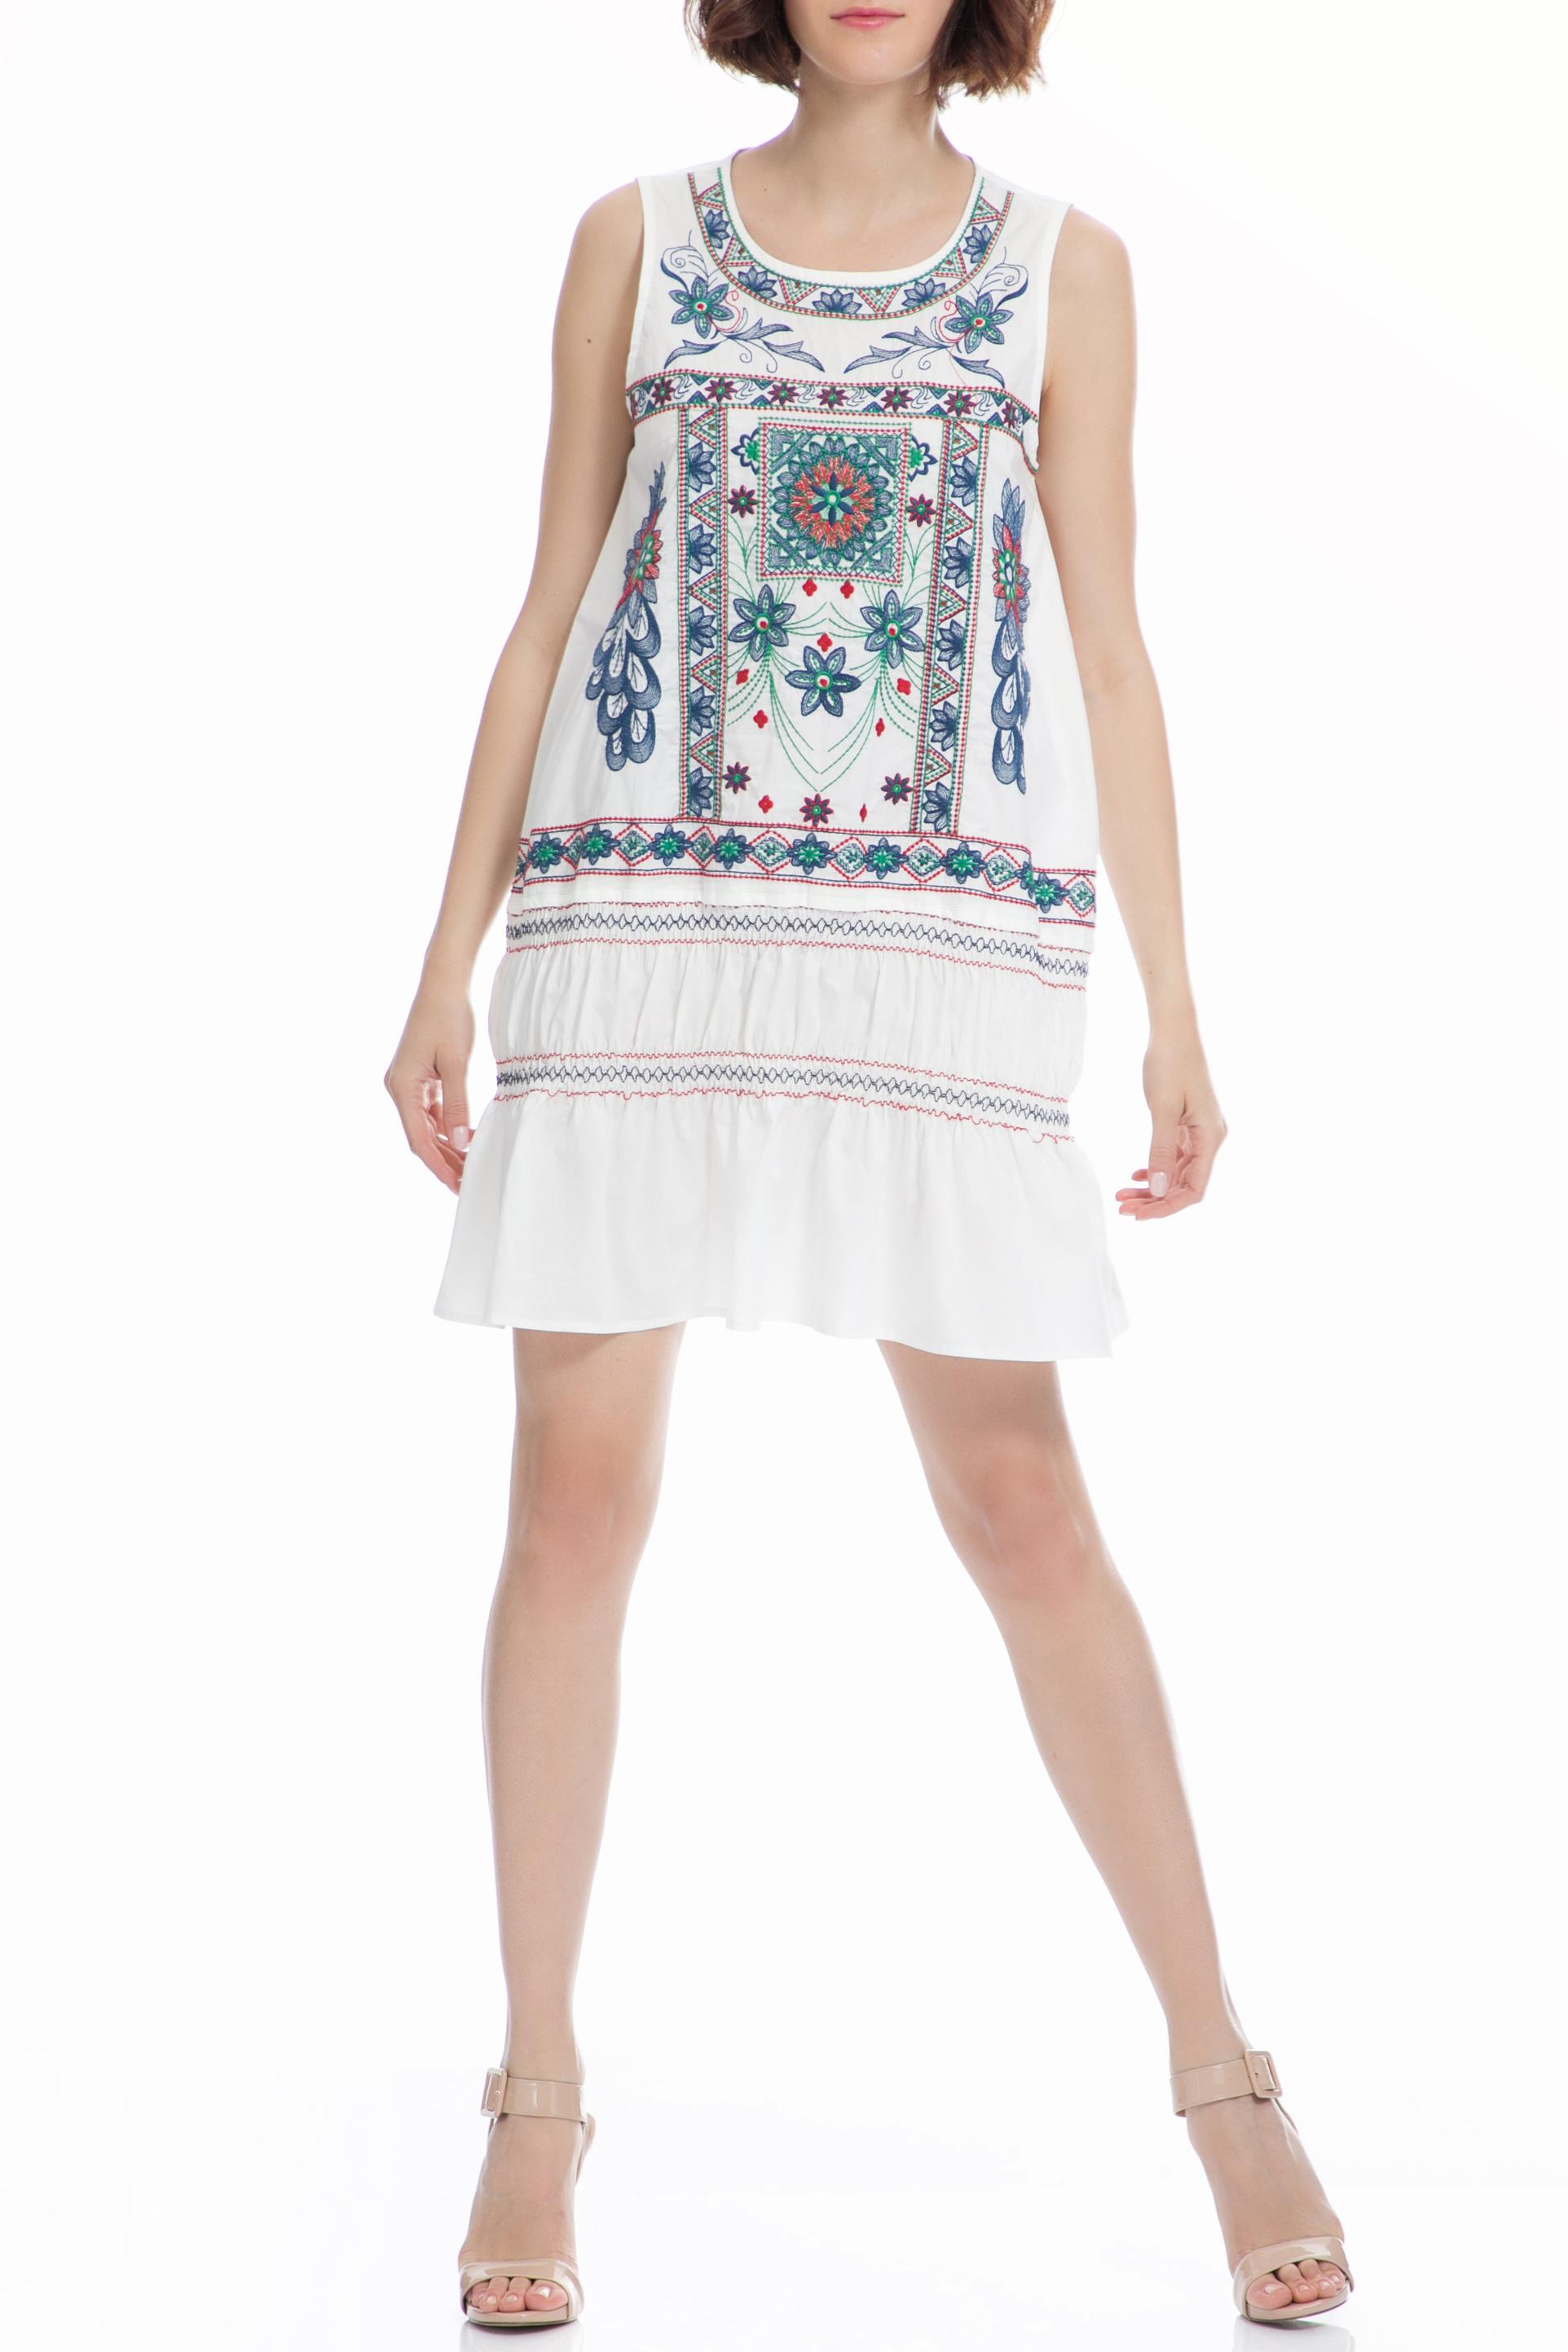 MOLLY BRACKEN - Φόρεμα MOLLY BRACKEN λευκό γυναικεία ρούχα φορέματα μίνι